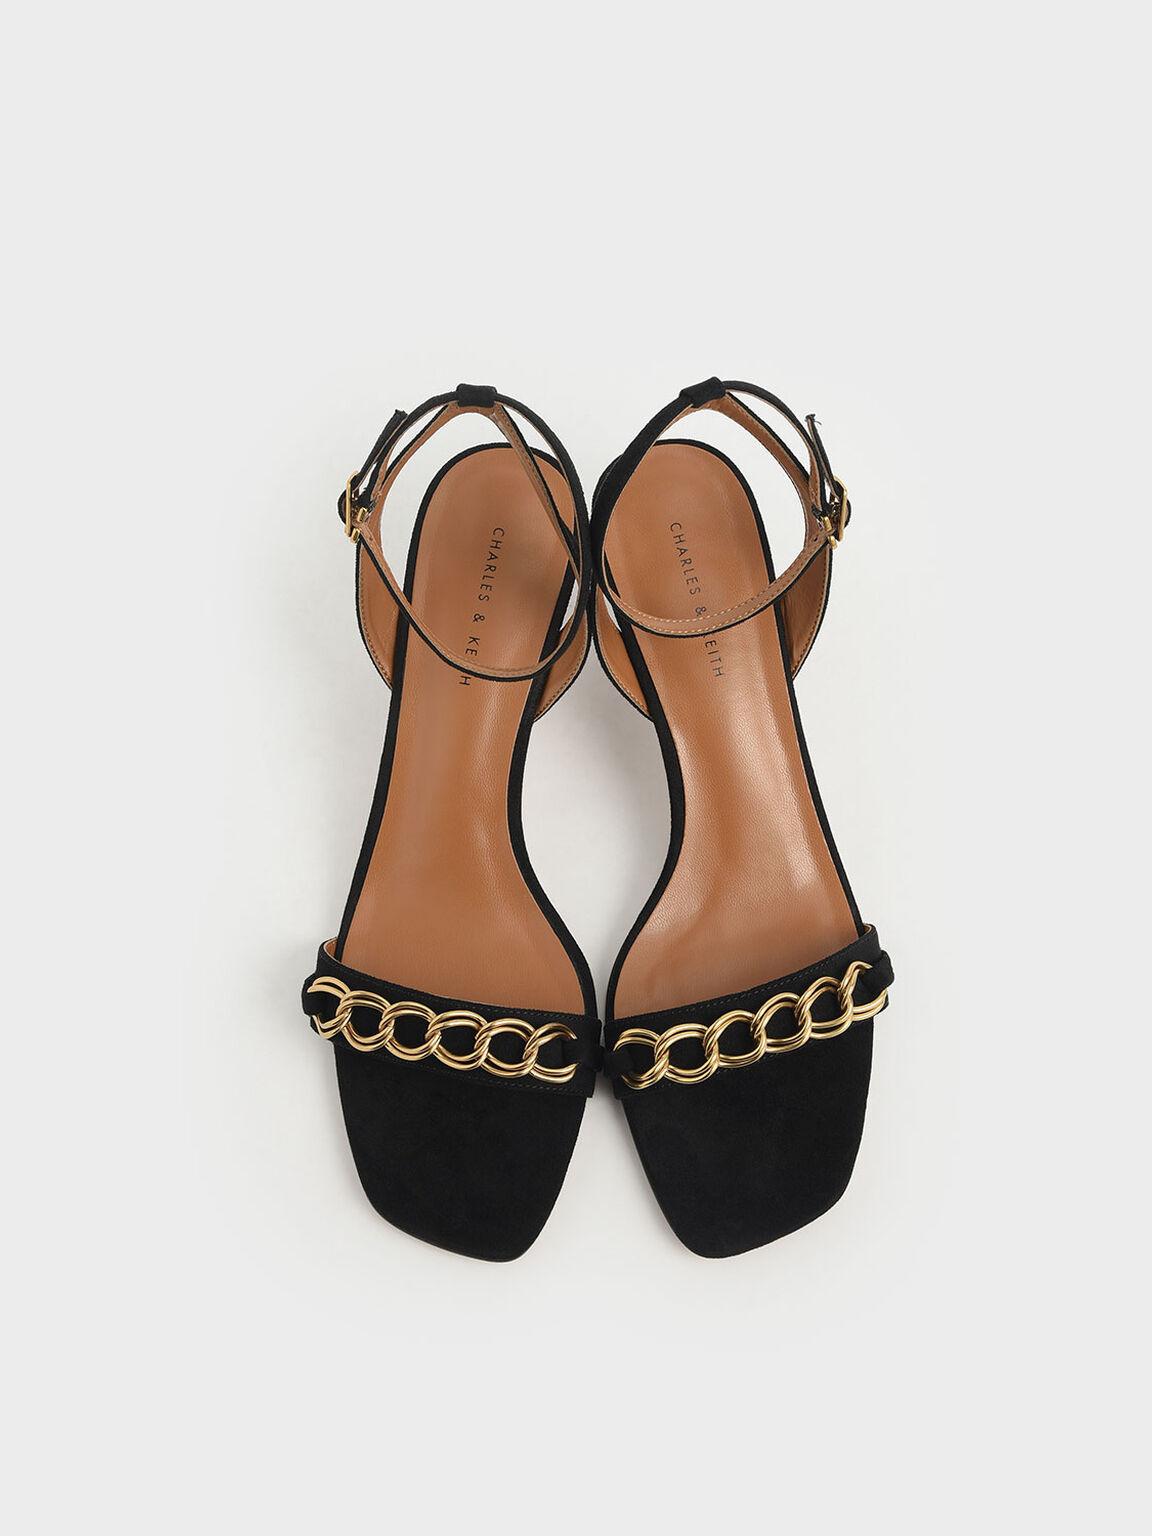 Chain Link Kitten Heel Sandals, Black, hi-res